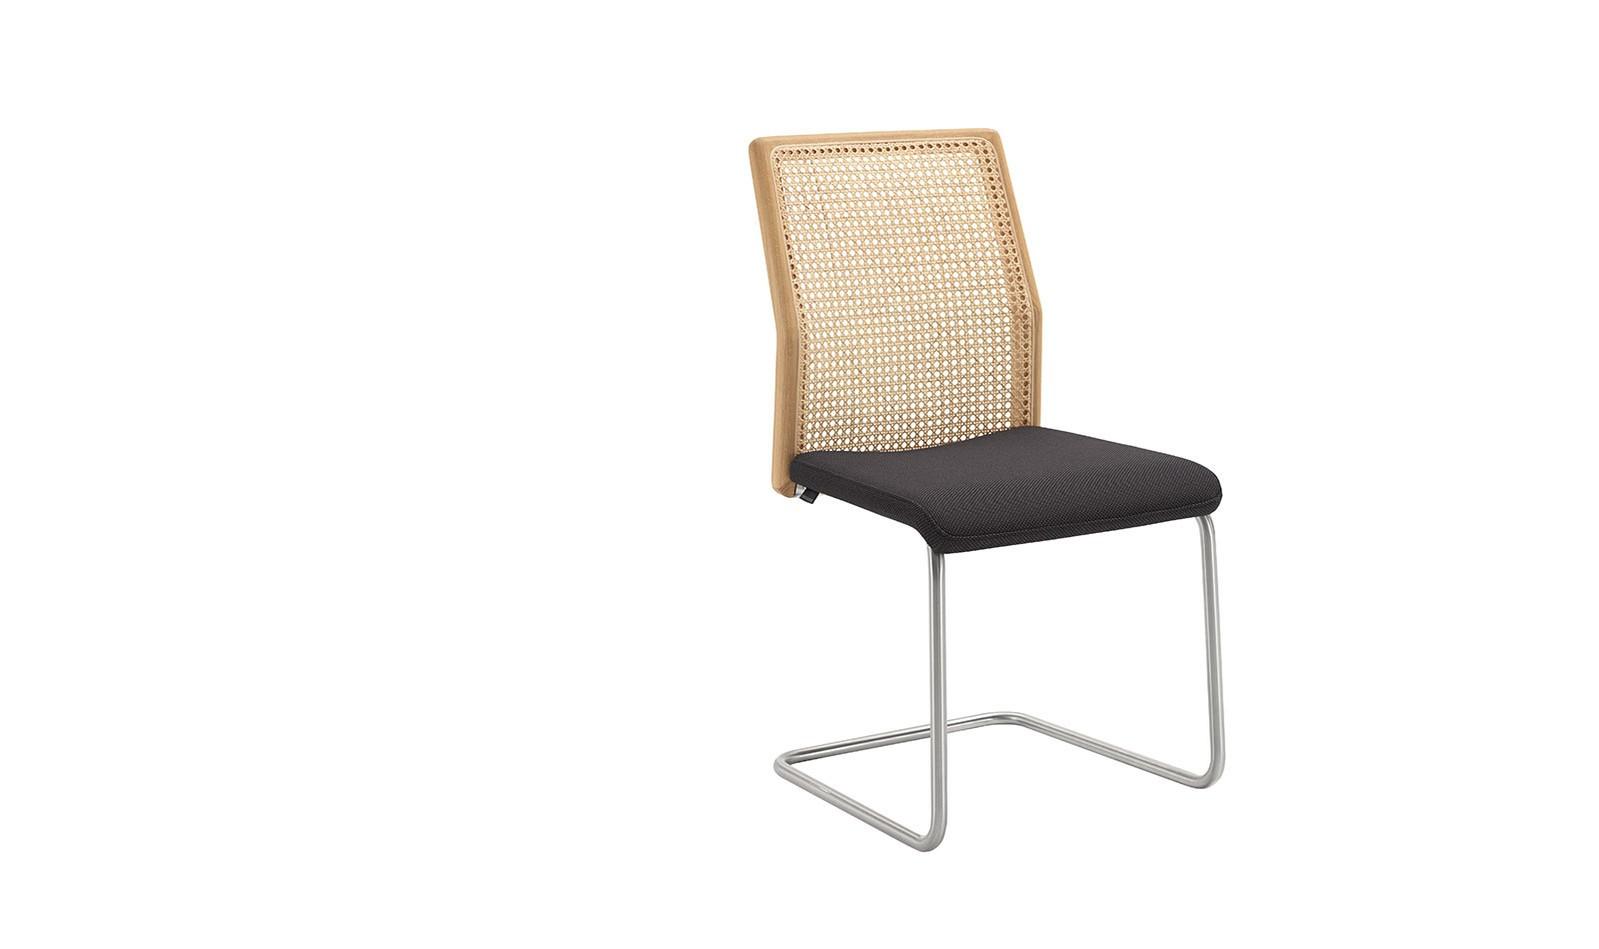 venjakob stuhl kea 2121 stoffgruppe a. Black Bedroom Furniture Sets. Home Design Ideas